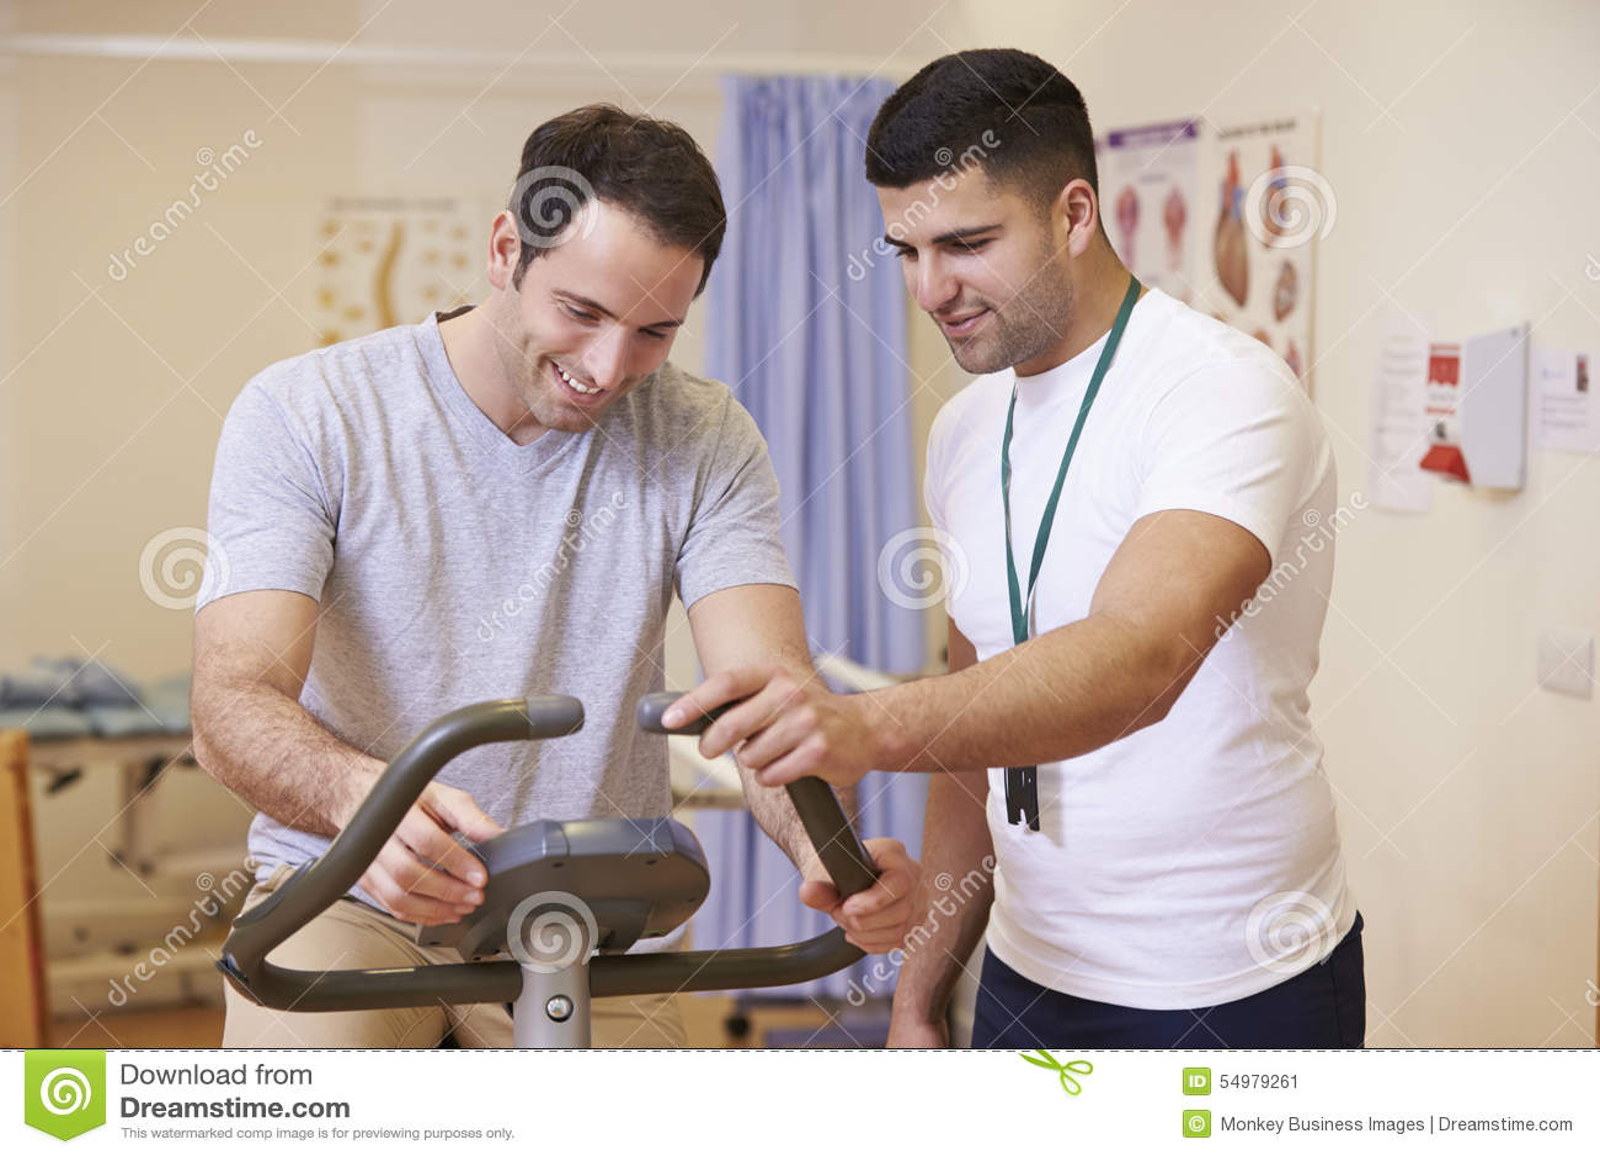 Patient som har sjukgymnastik på motionscykelen i sjukhus